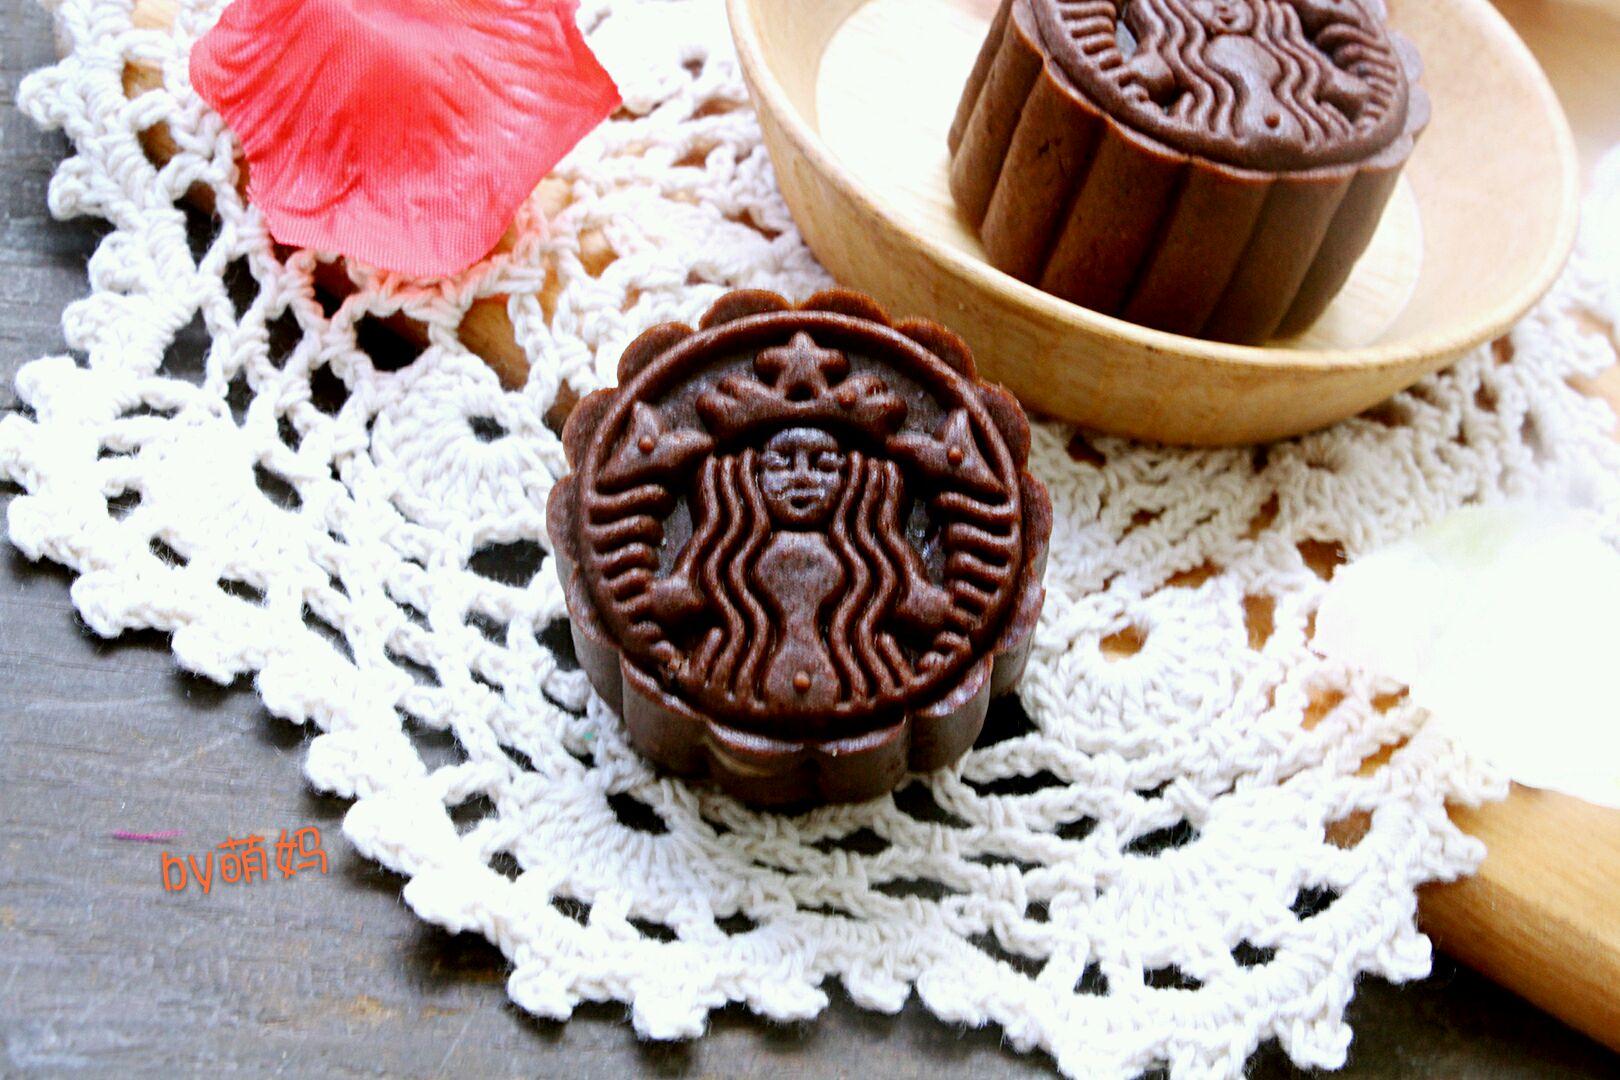 5g 白芸豆馅500g 耐高温巧克力豆60g 倍量特浓巧克力月饼的做法步骤